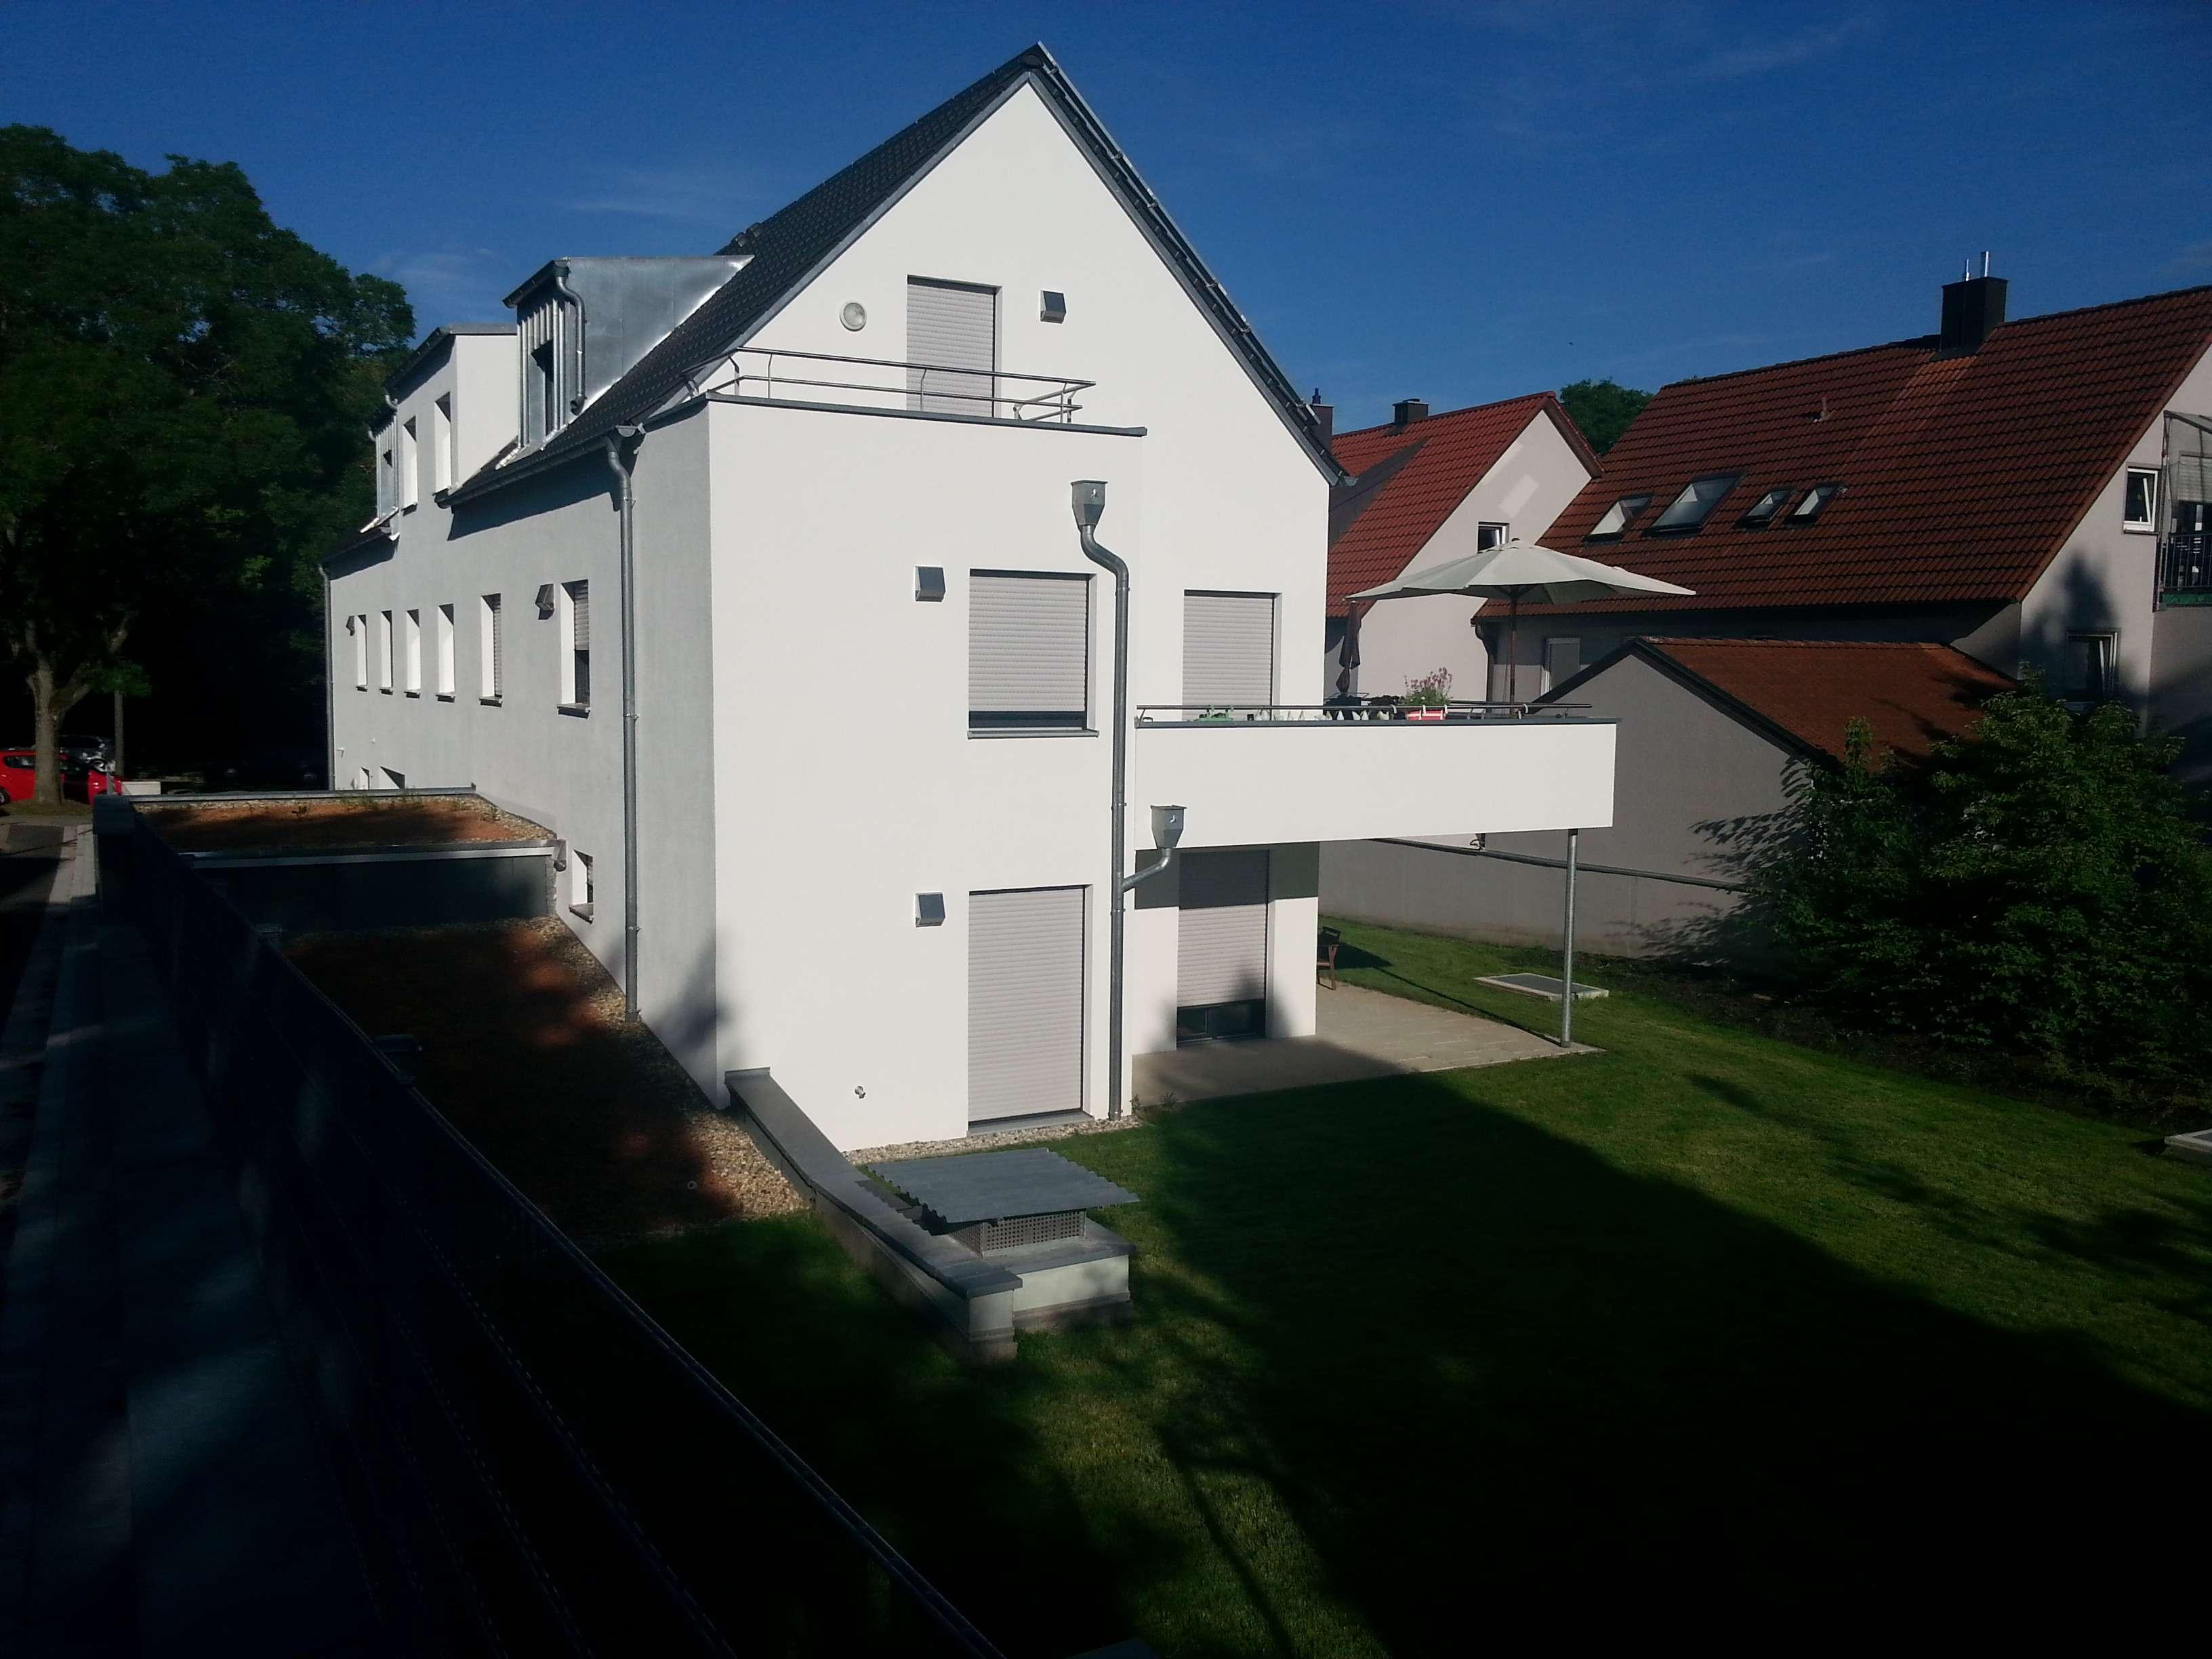 Schöne neuwertige 2-Zimmer-Dachgeschosswohnung mit Balkon in Regensburg, Nähe Universität